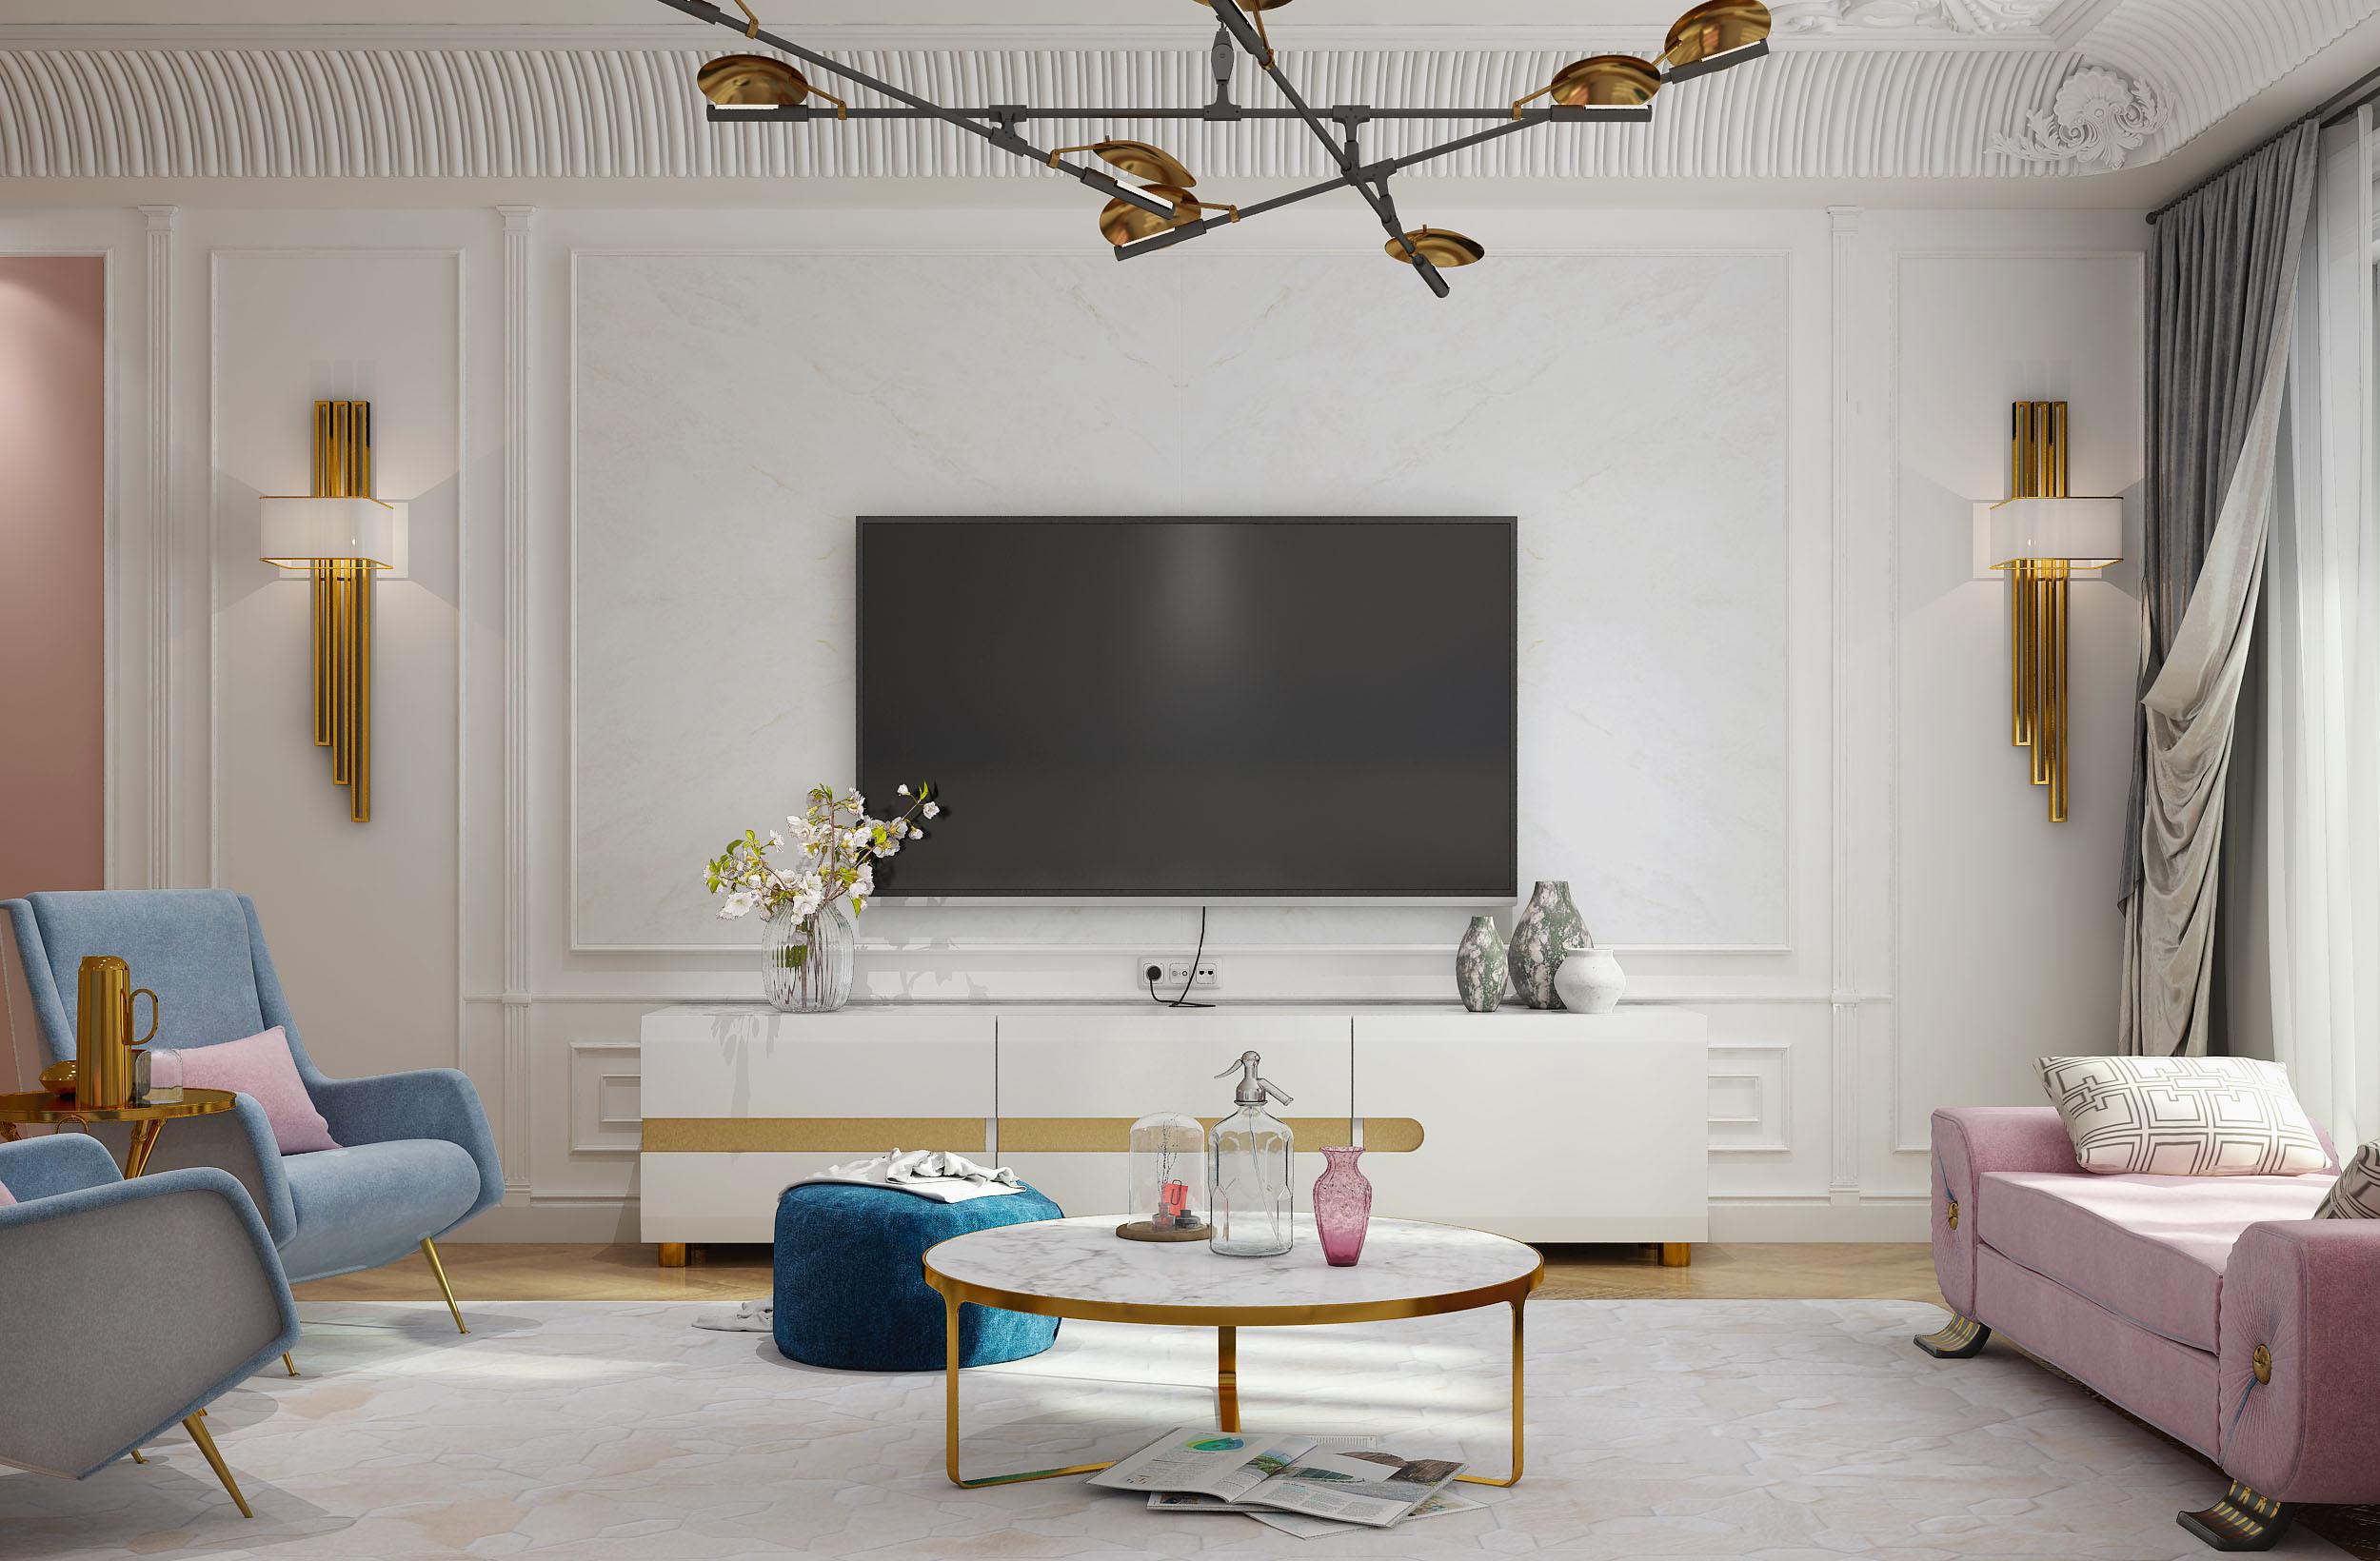 欧式古典风格电视背景墙装修效果图